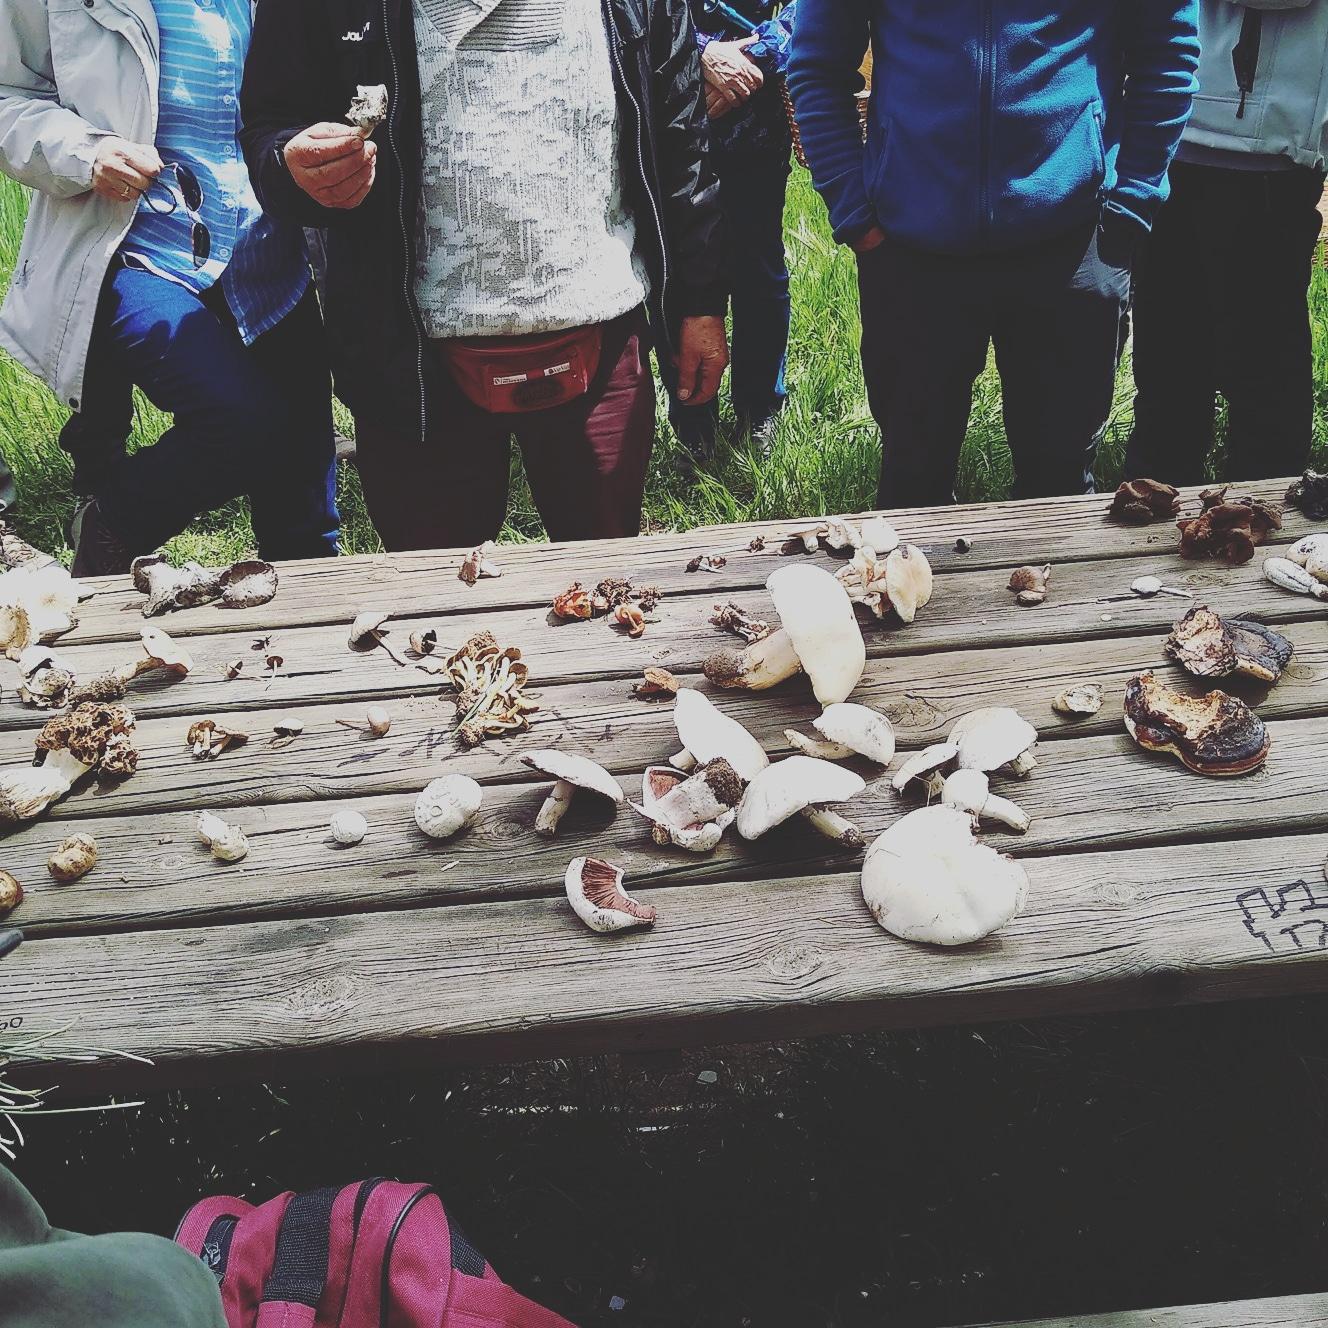 Cursos, jornadas y charlas de ornitología, micología, fauna urbana, jardinería y horticultura.